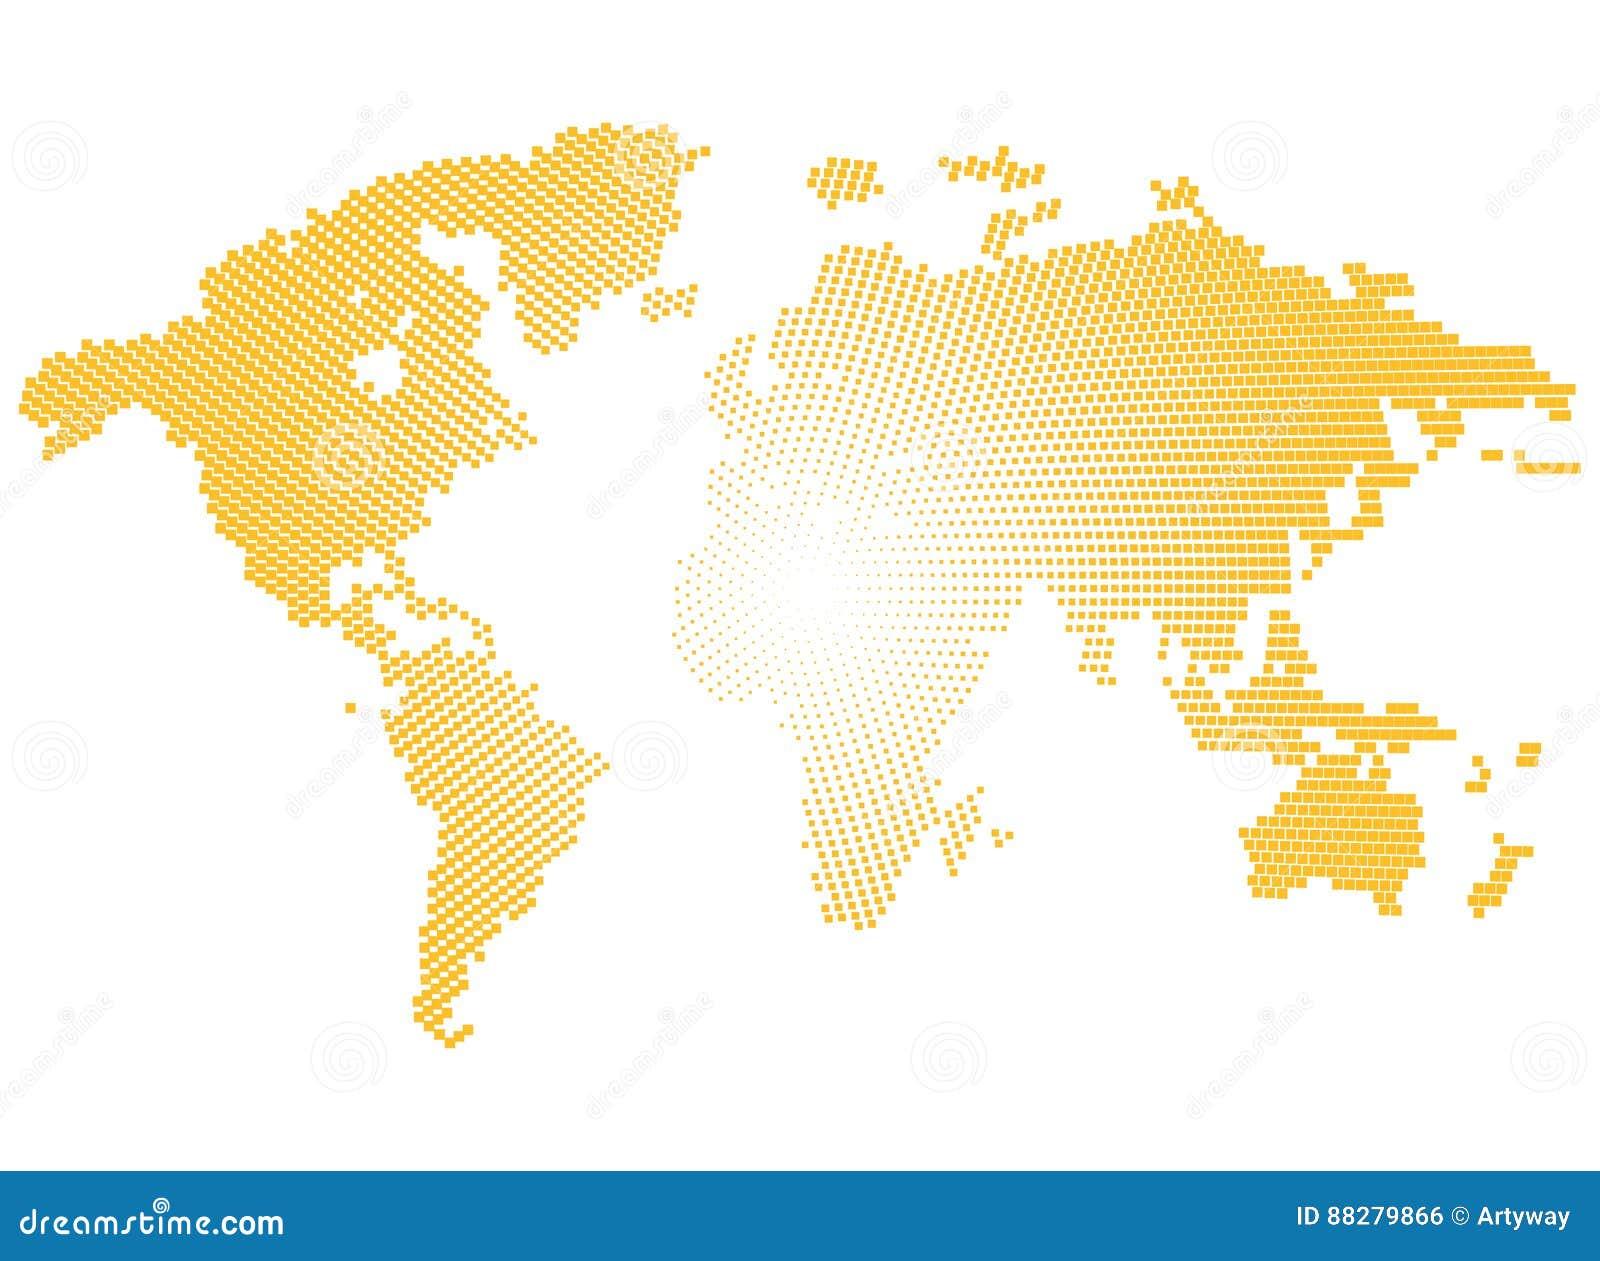 Odosobniony żółty koloru worldmap kropki na białym tle, ziemska wektorowa ilustracja